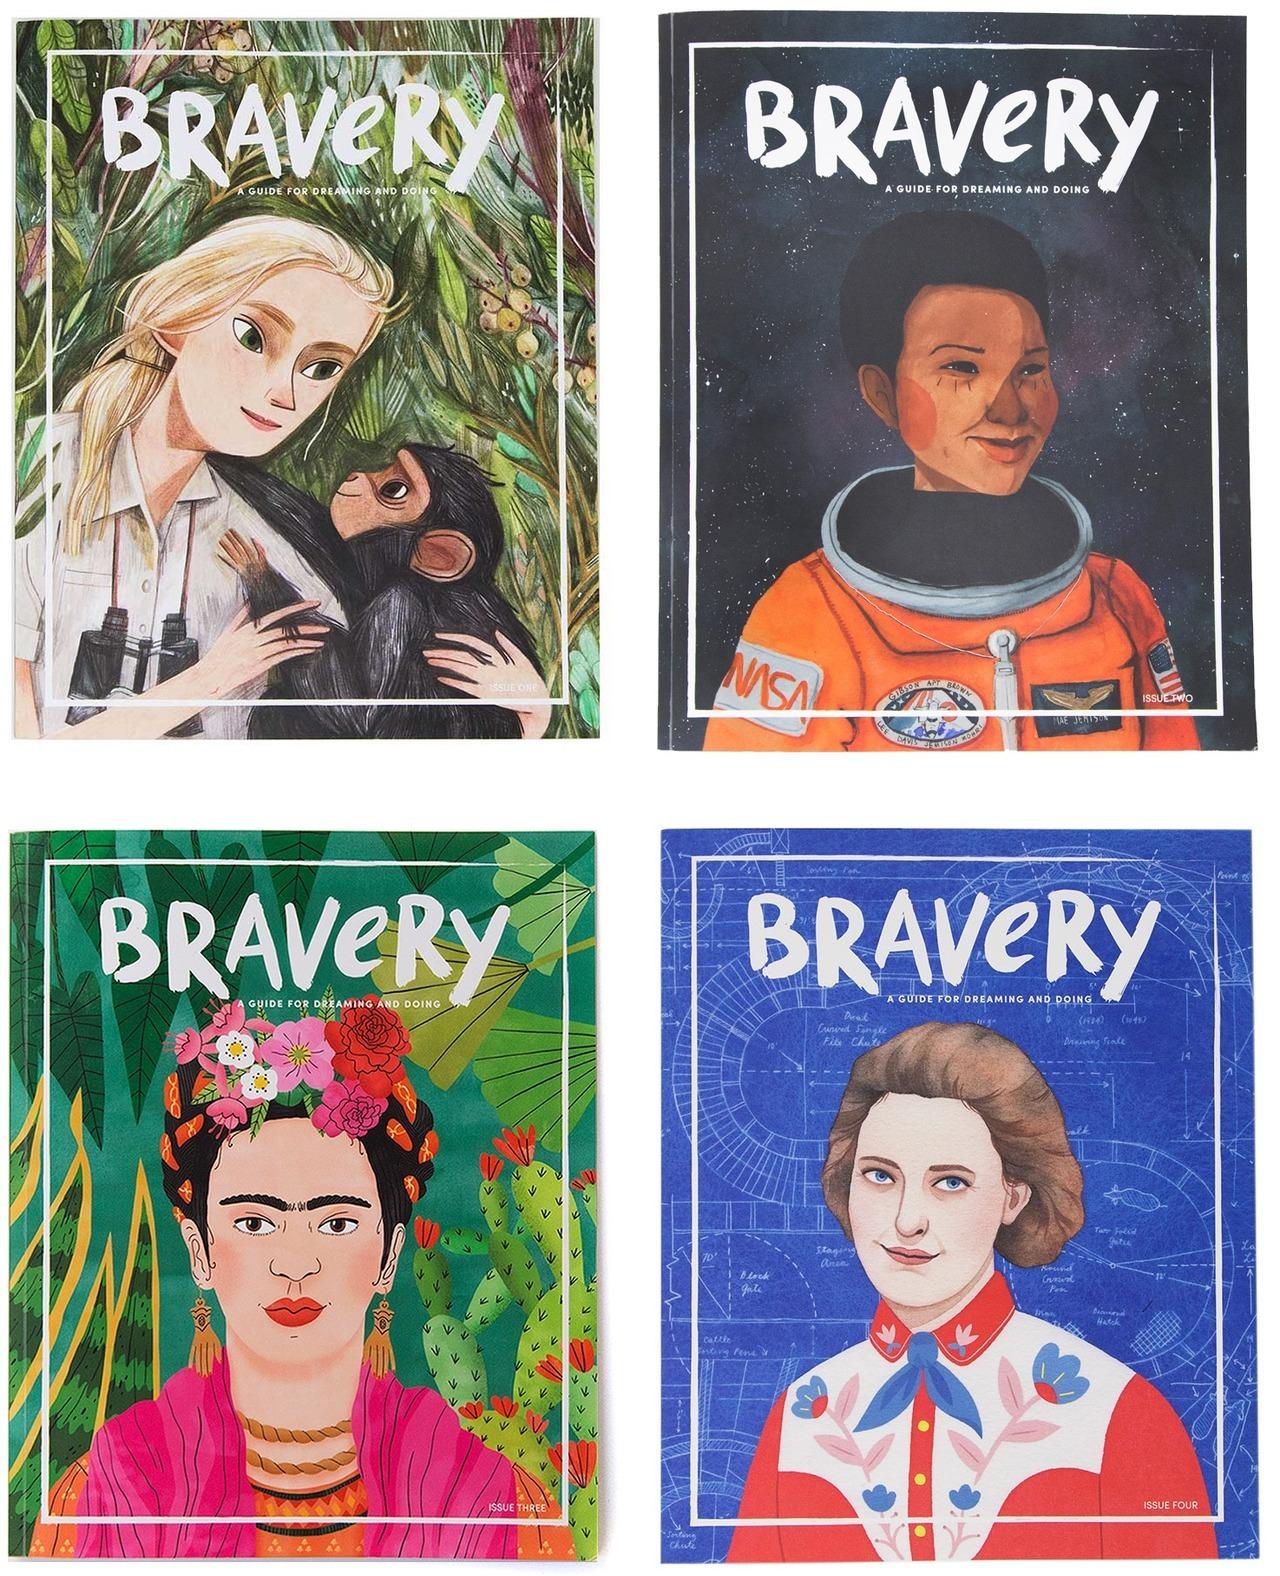 bravery magazine.jpg